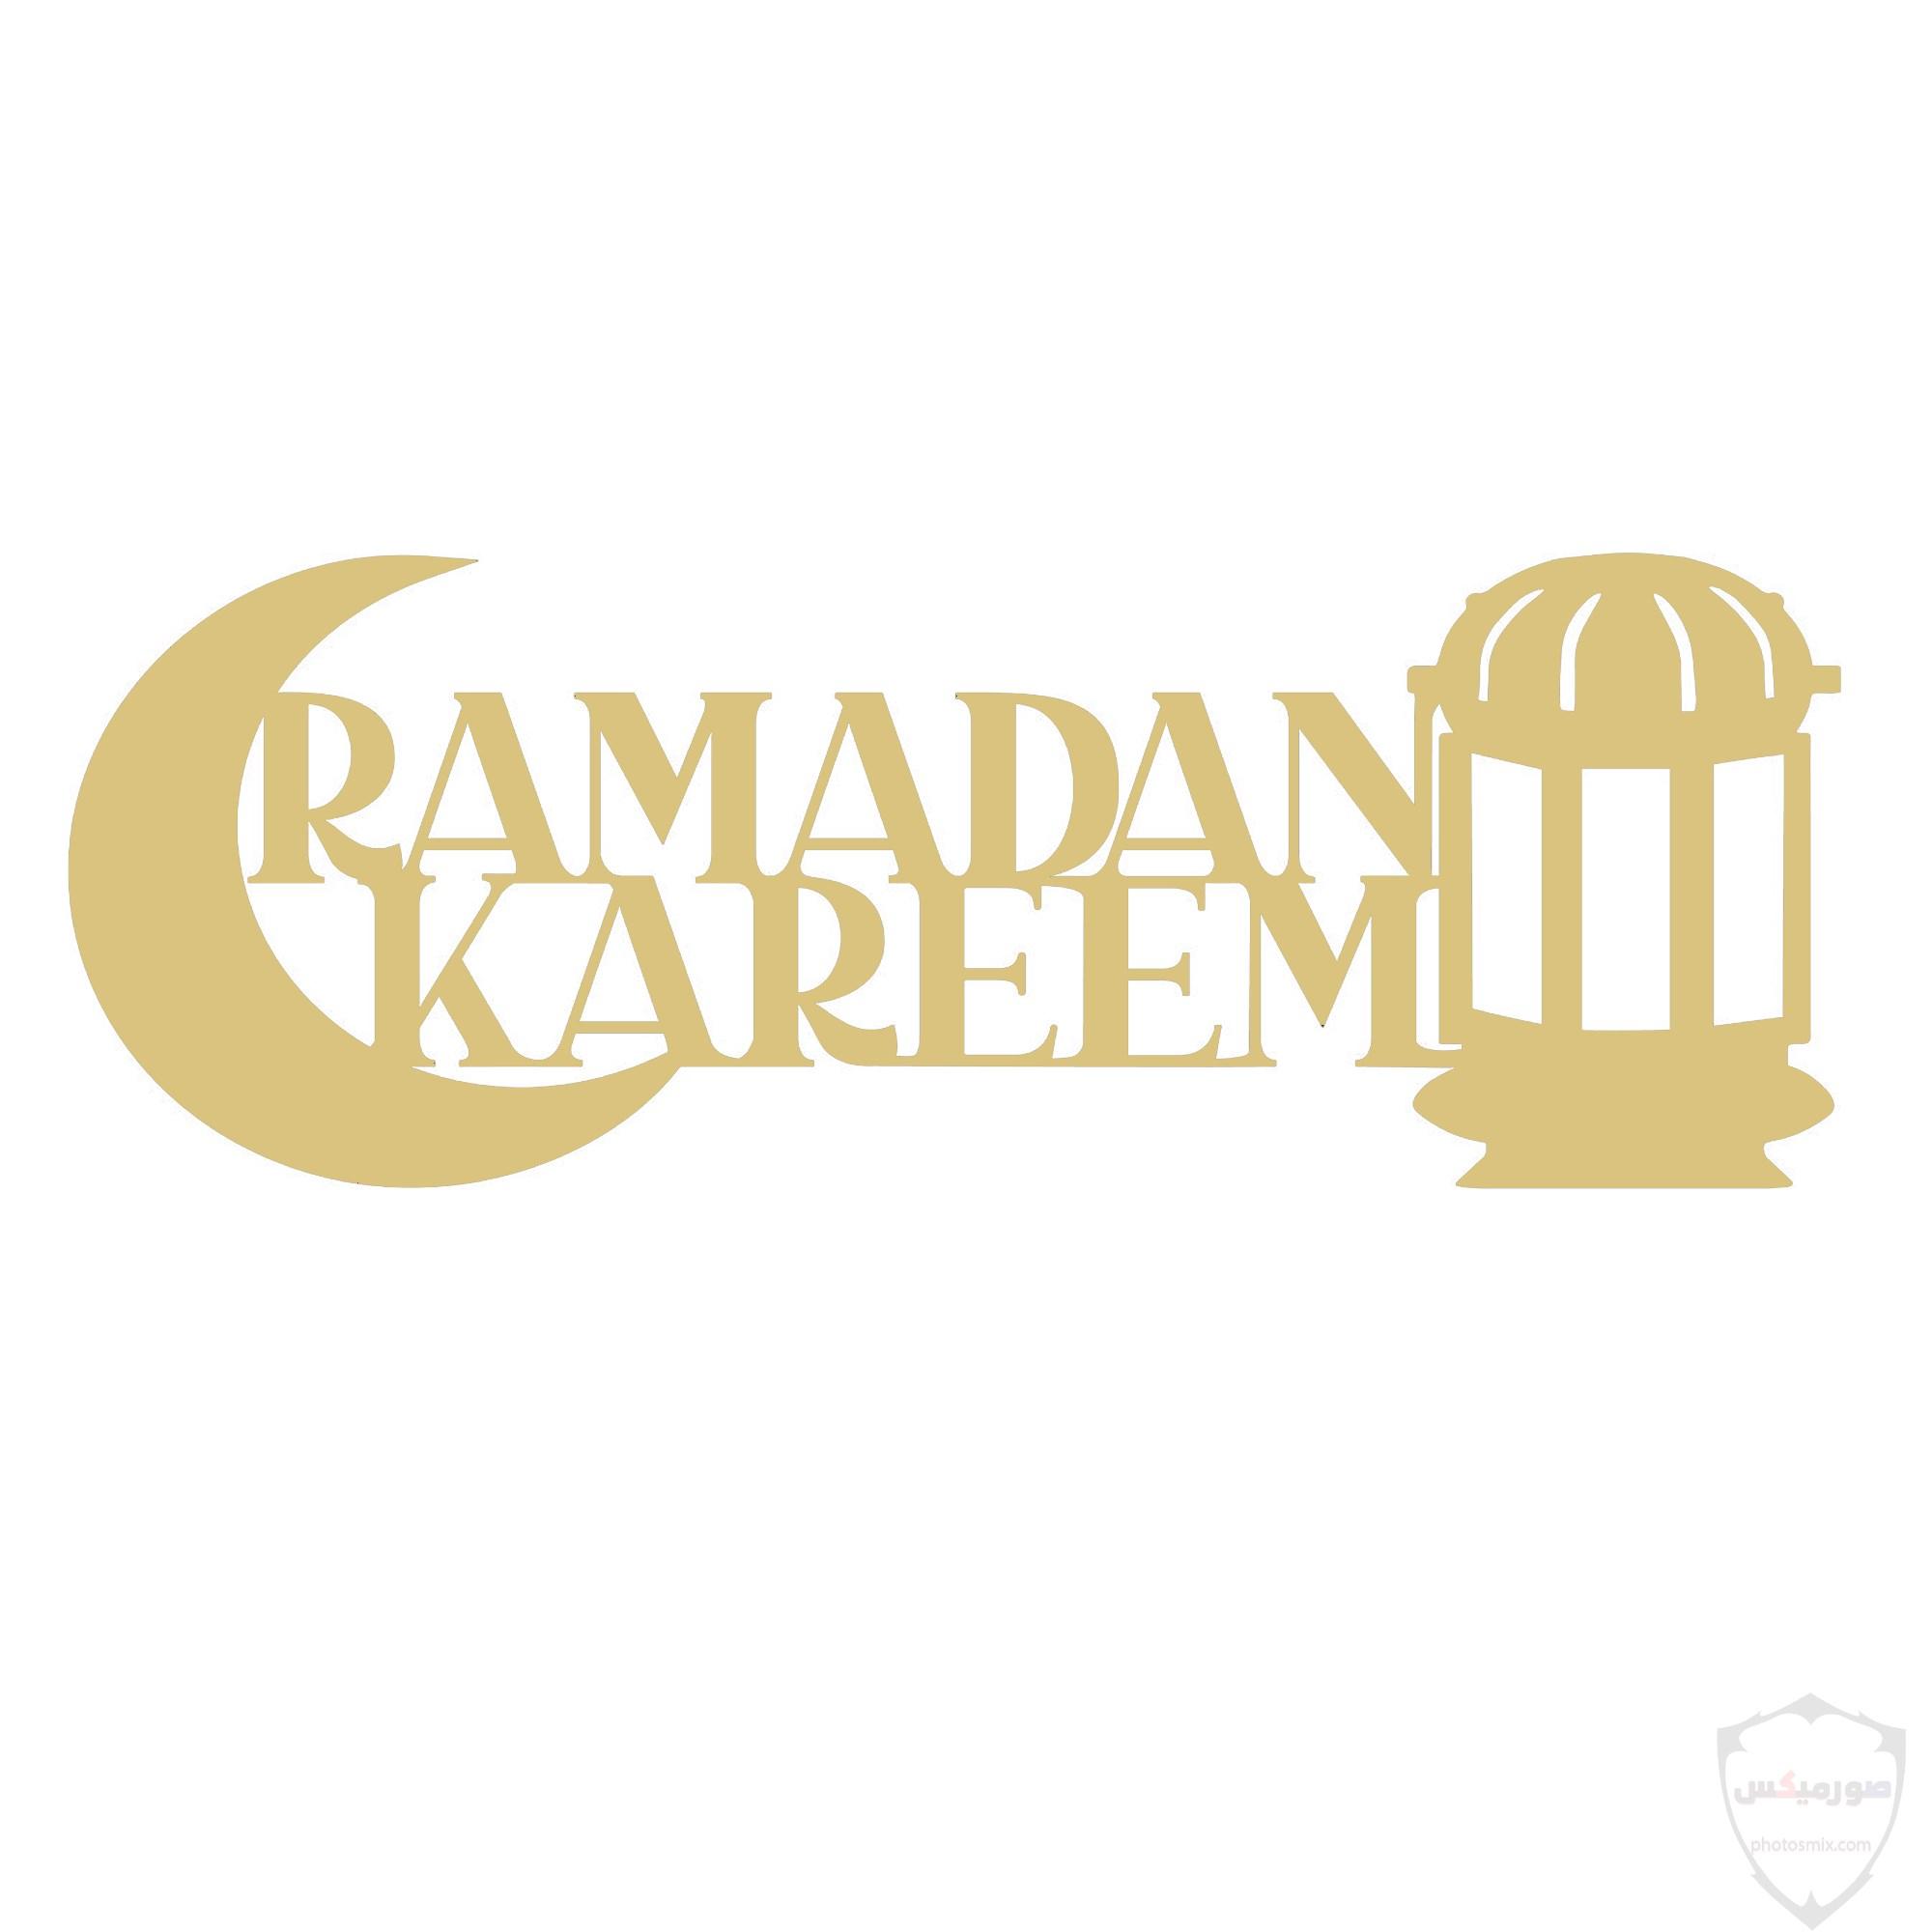 صور رمضان 2020 خلفيات صور رمضان 2020 3 1